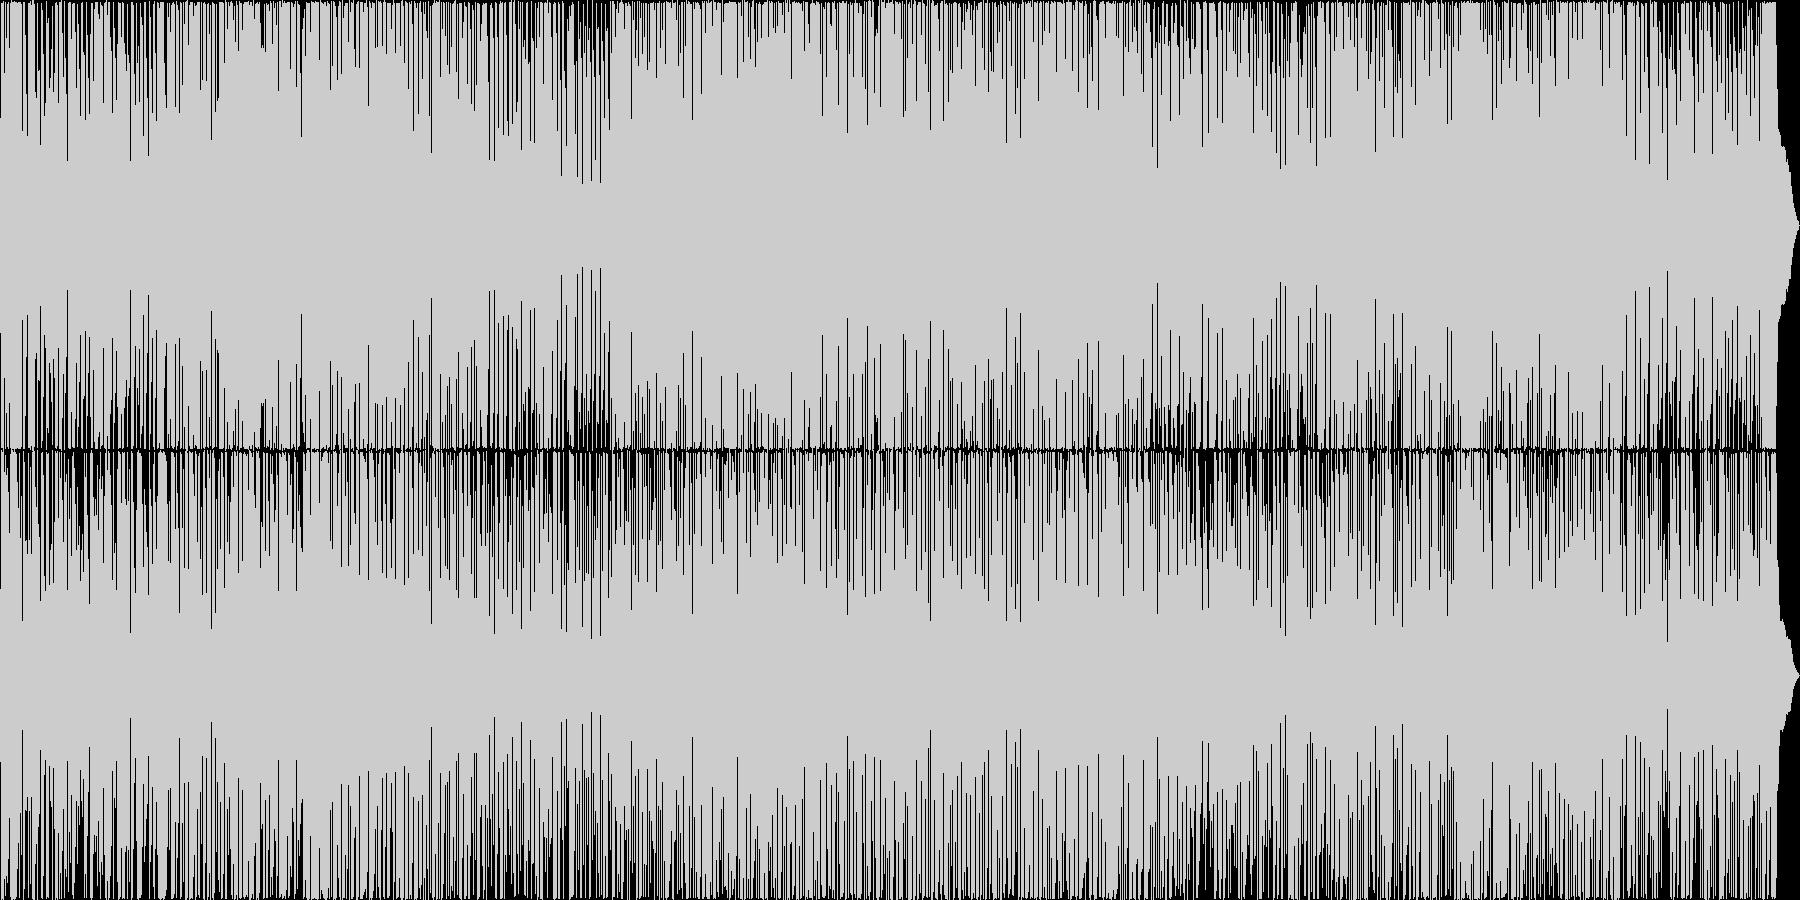 スイングジャズの未再生の波形